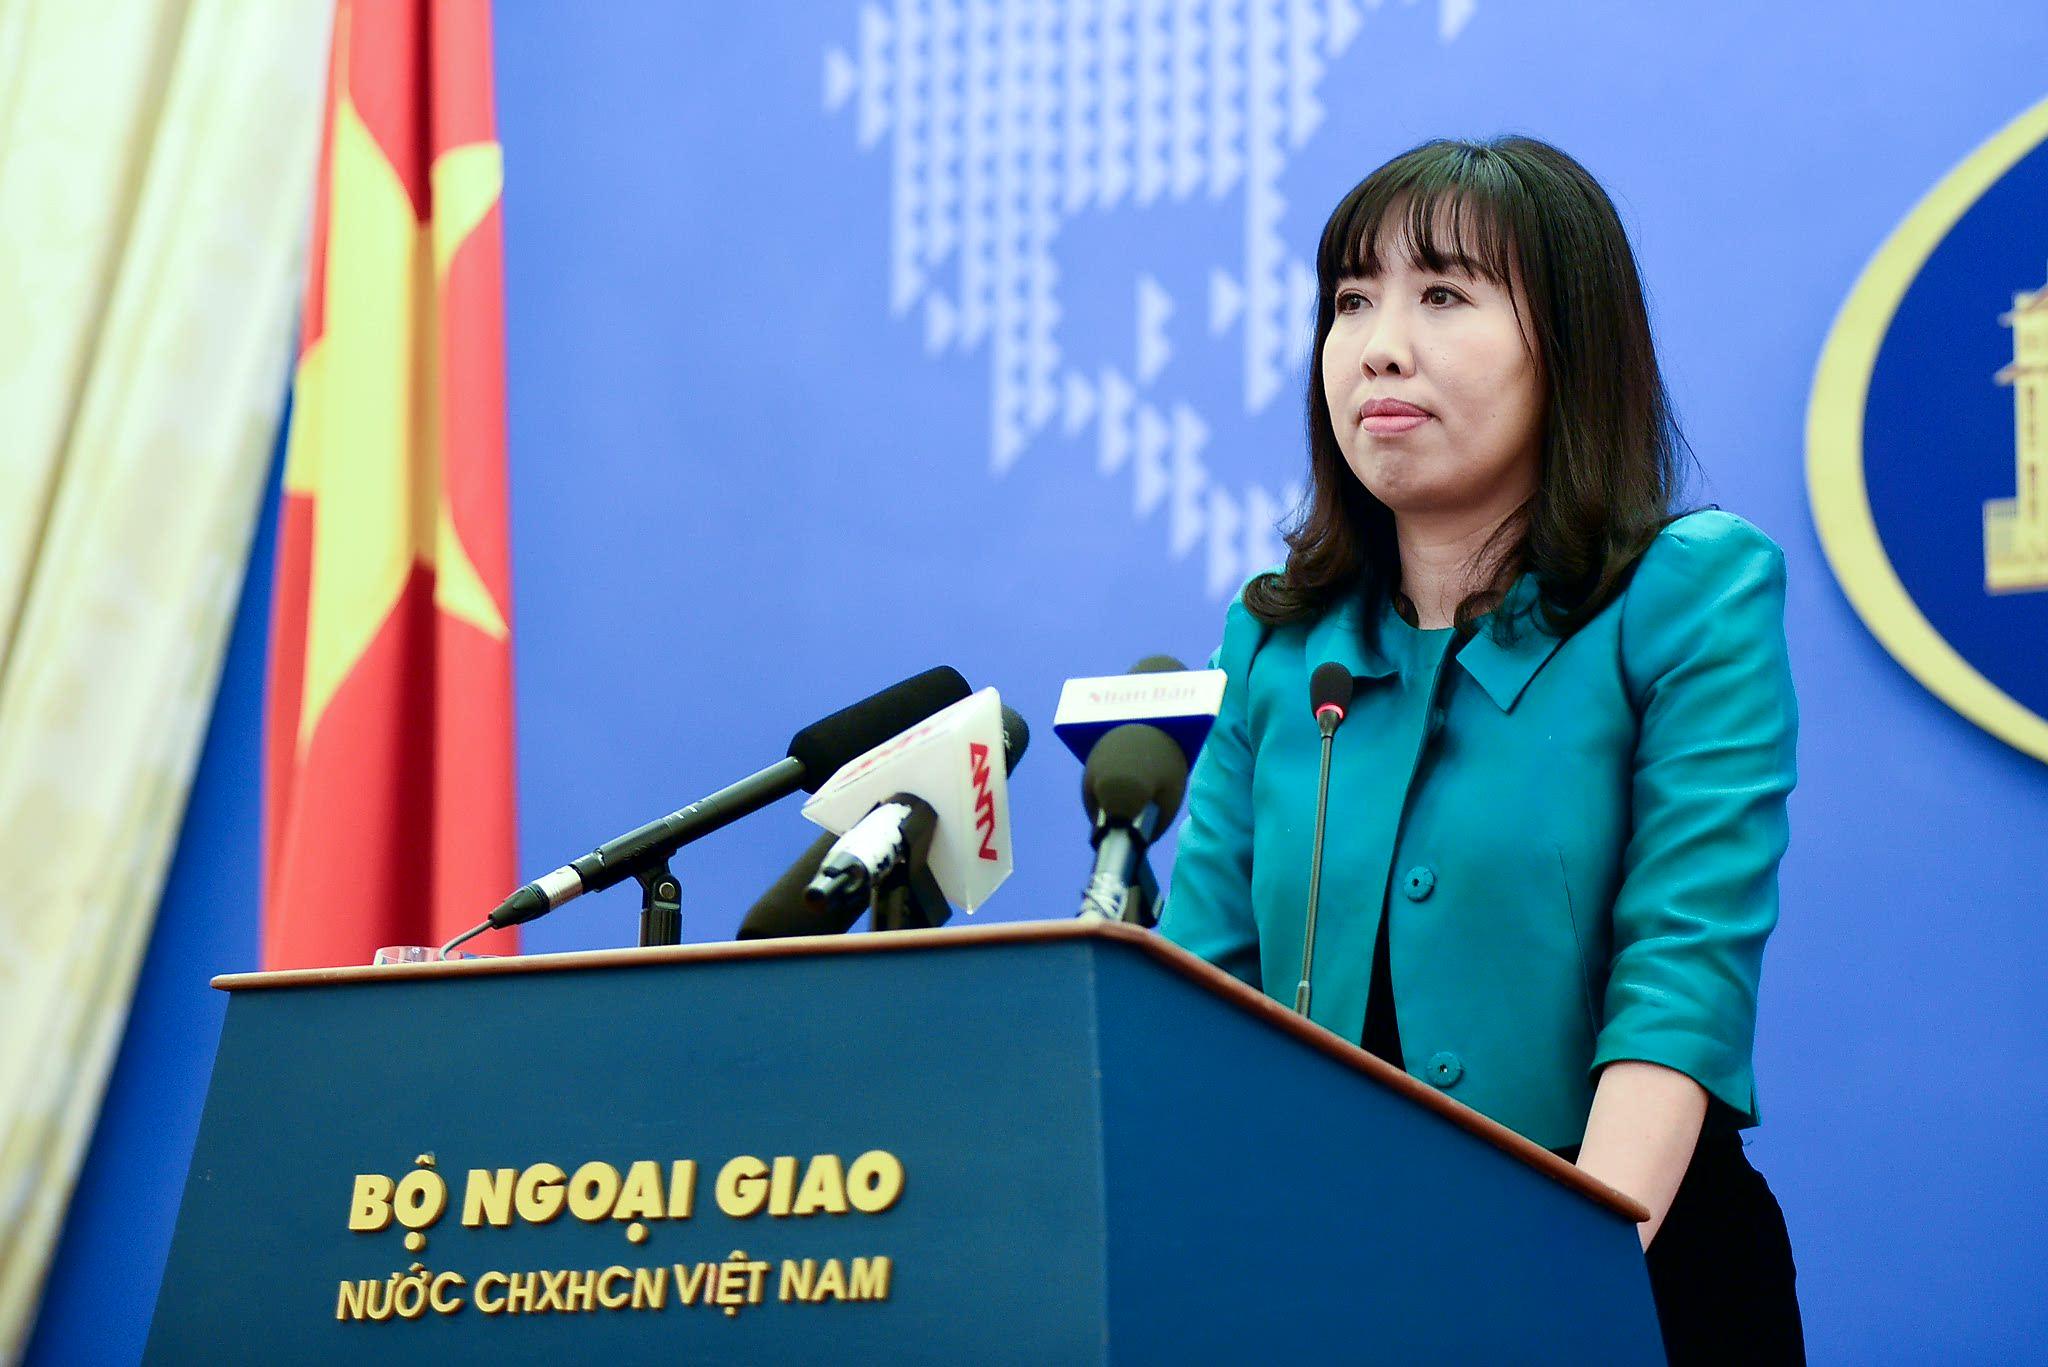 Phản ứng của Việt Nam trước những diễn biến mới hiện nay ở Syria